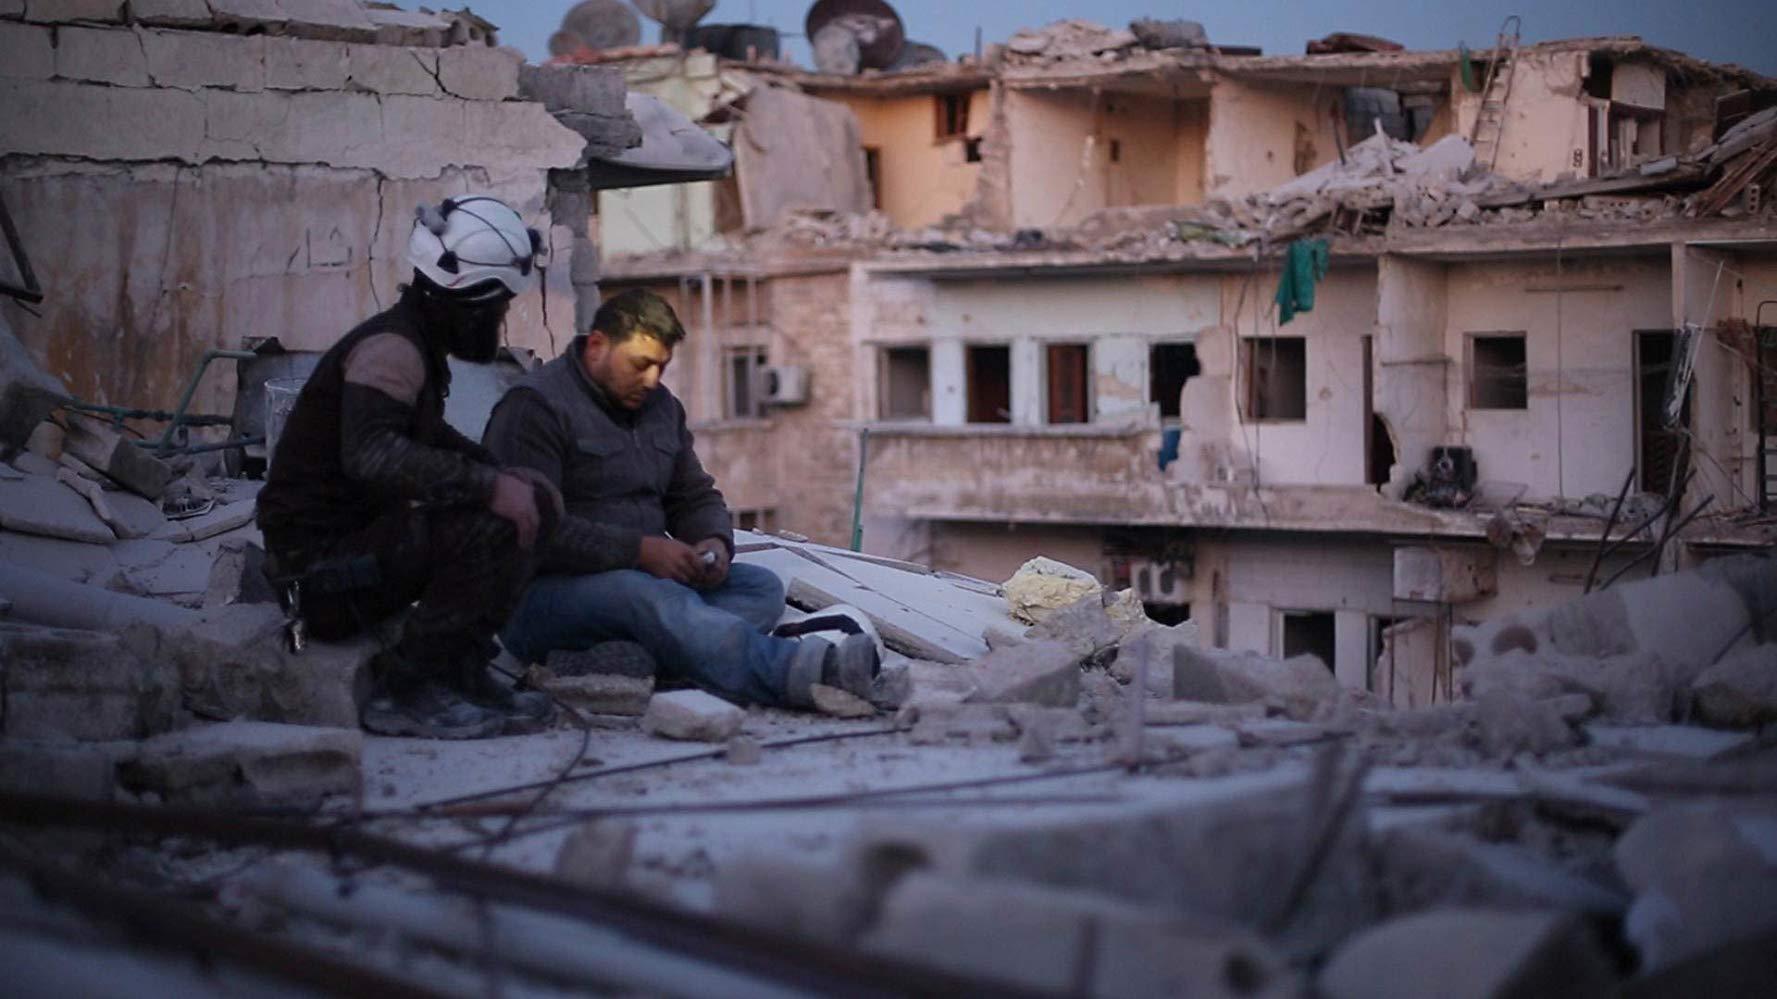 فيلم Last Men in Aleppo 2017 مترجم